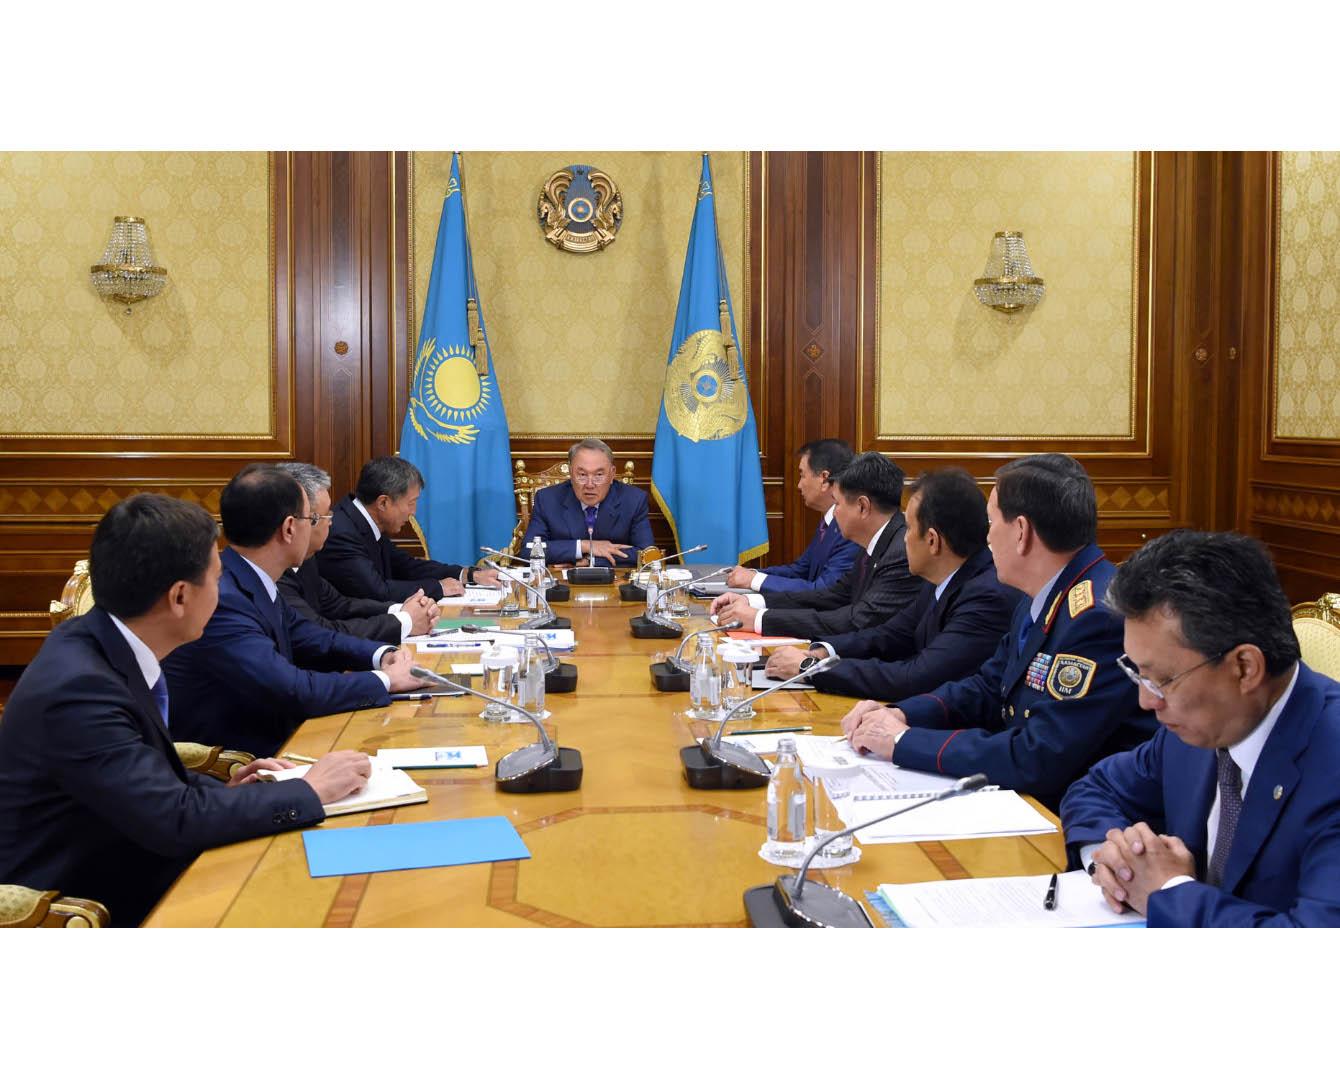 总统主持召开执法系统改革问题会议